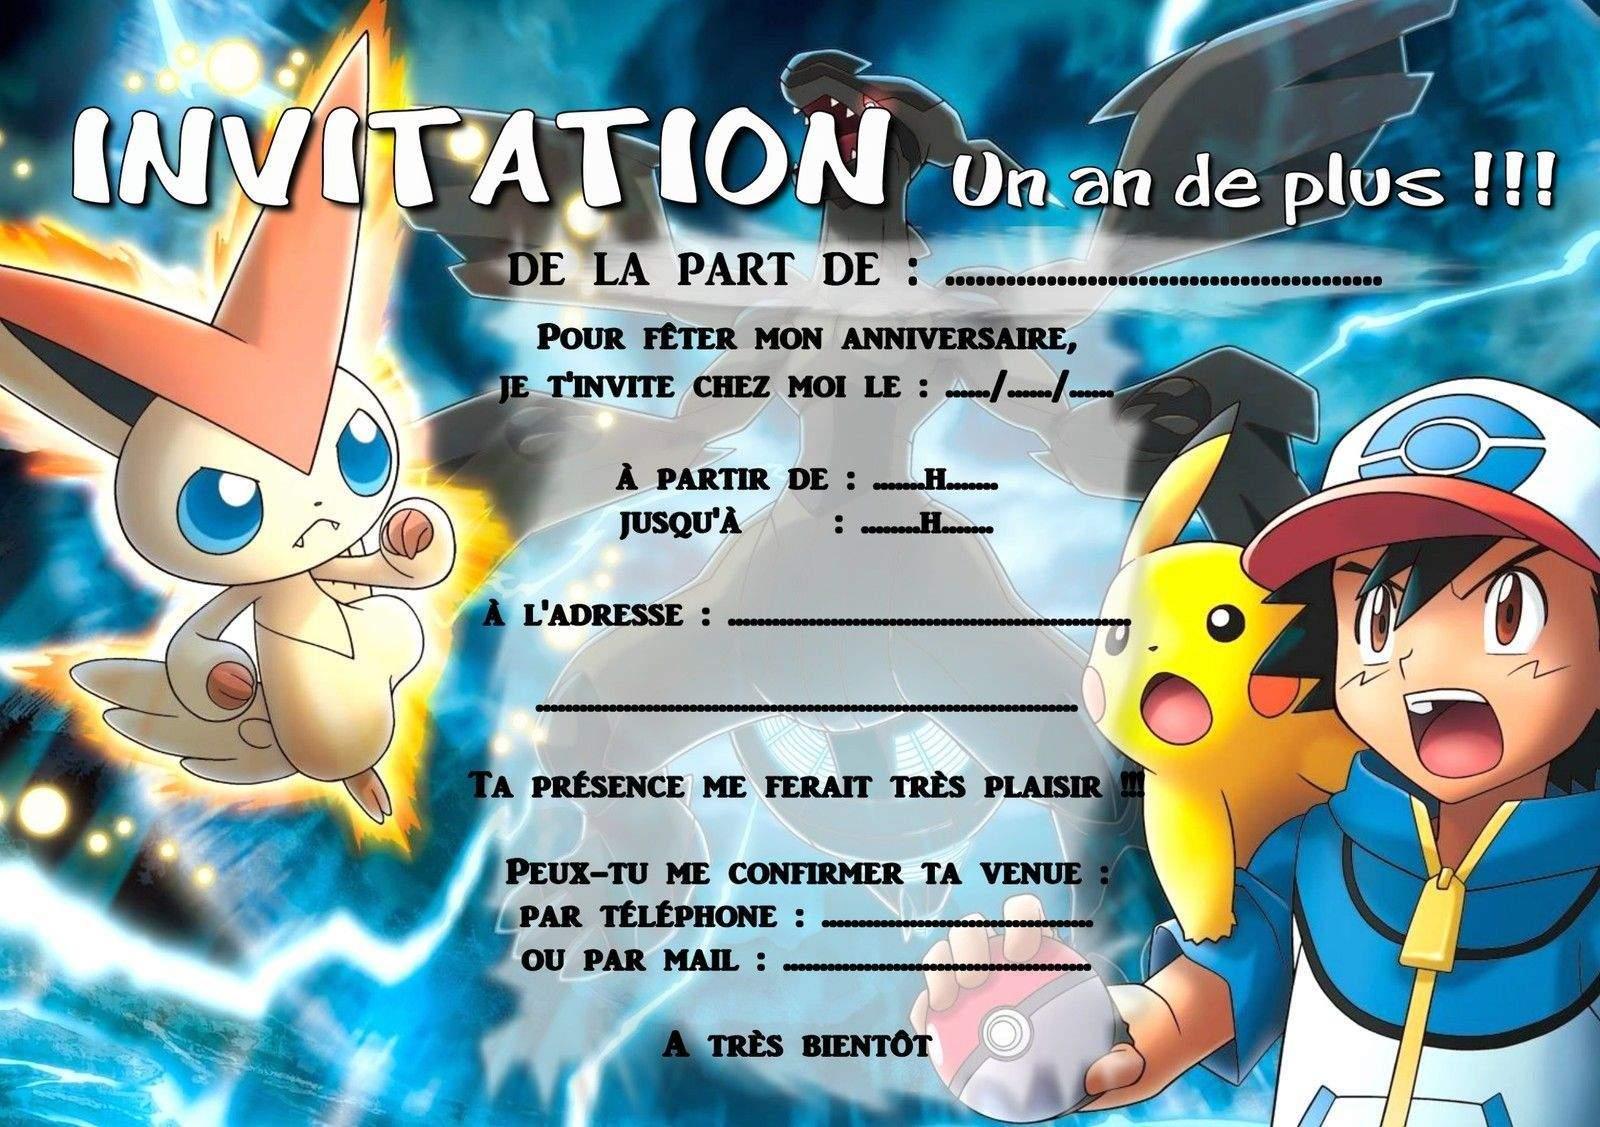 Carte invitation anniversaire gratuite à imprimer garcon 9 ans